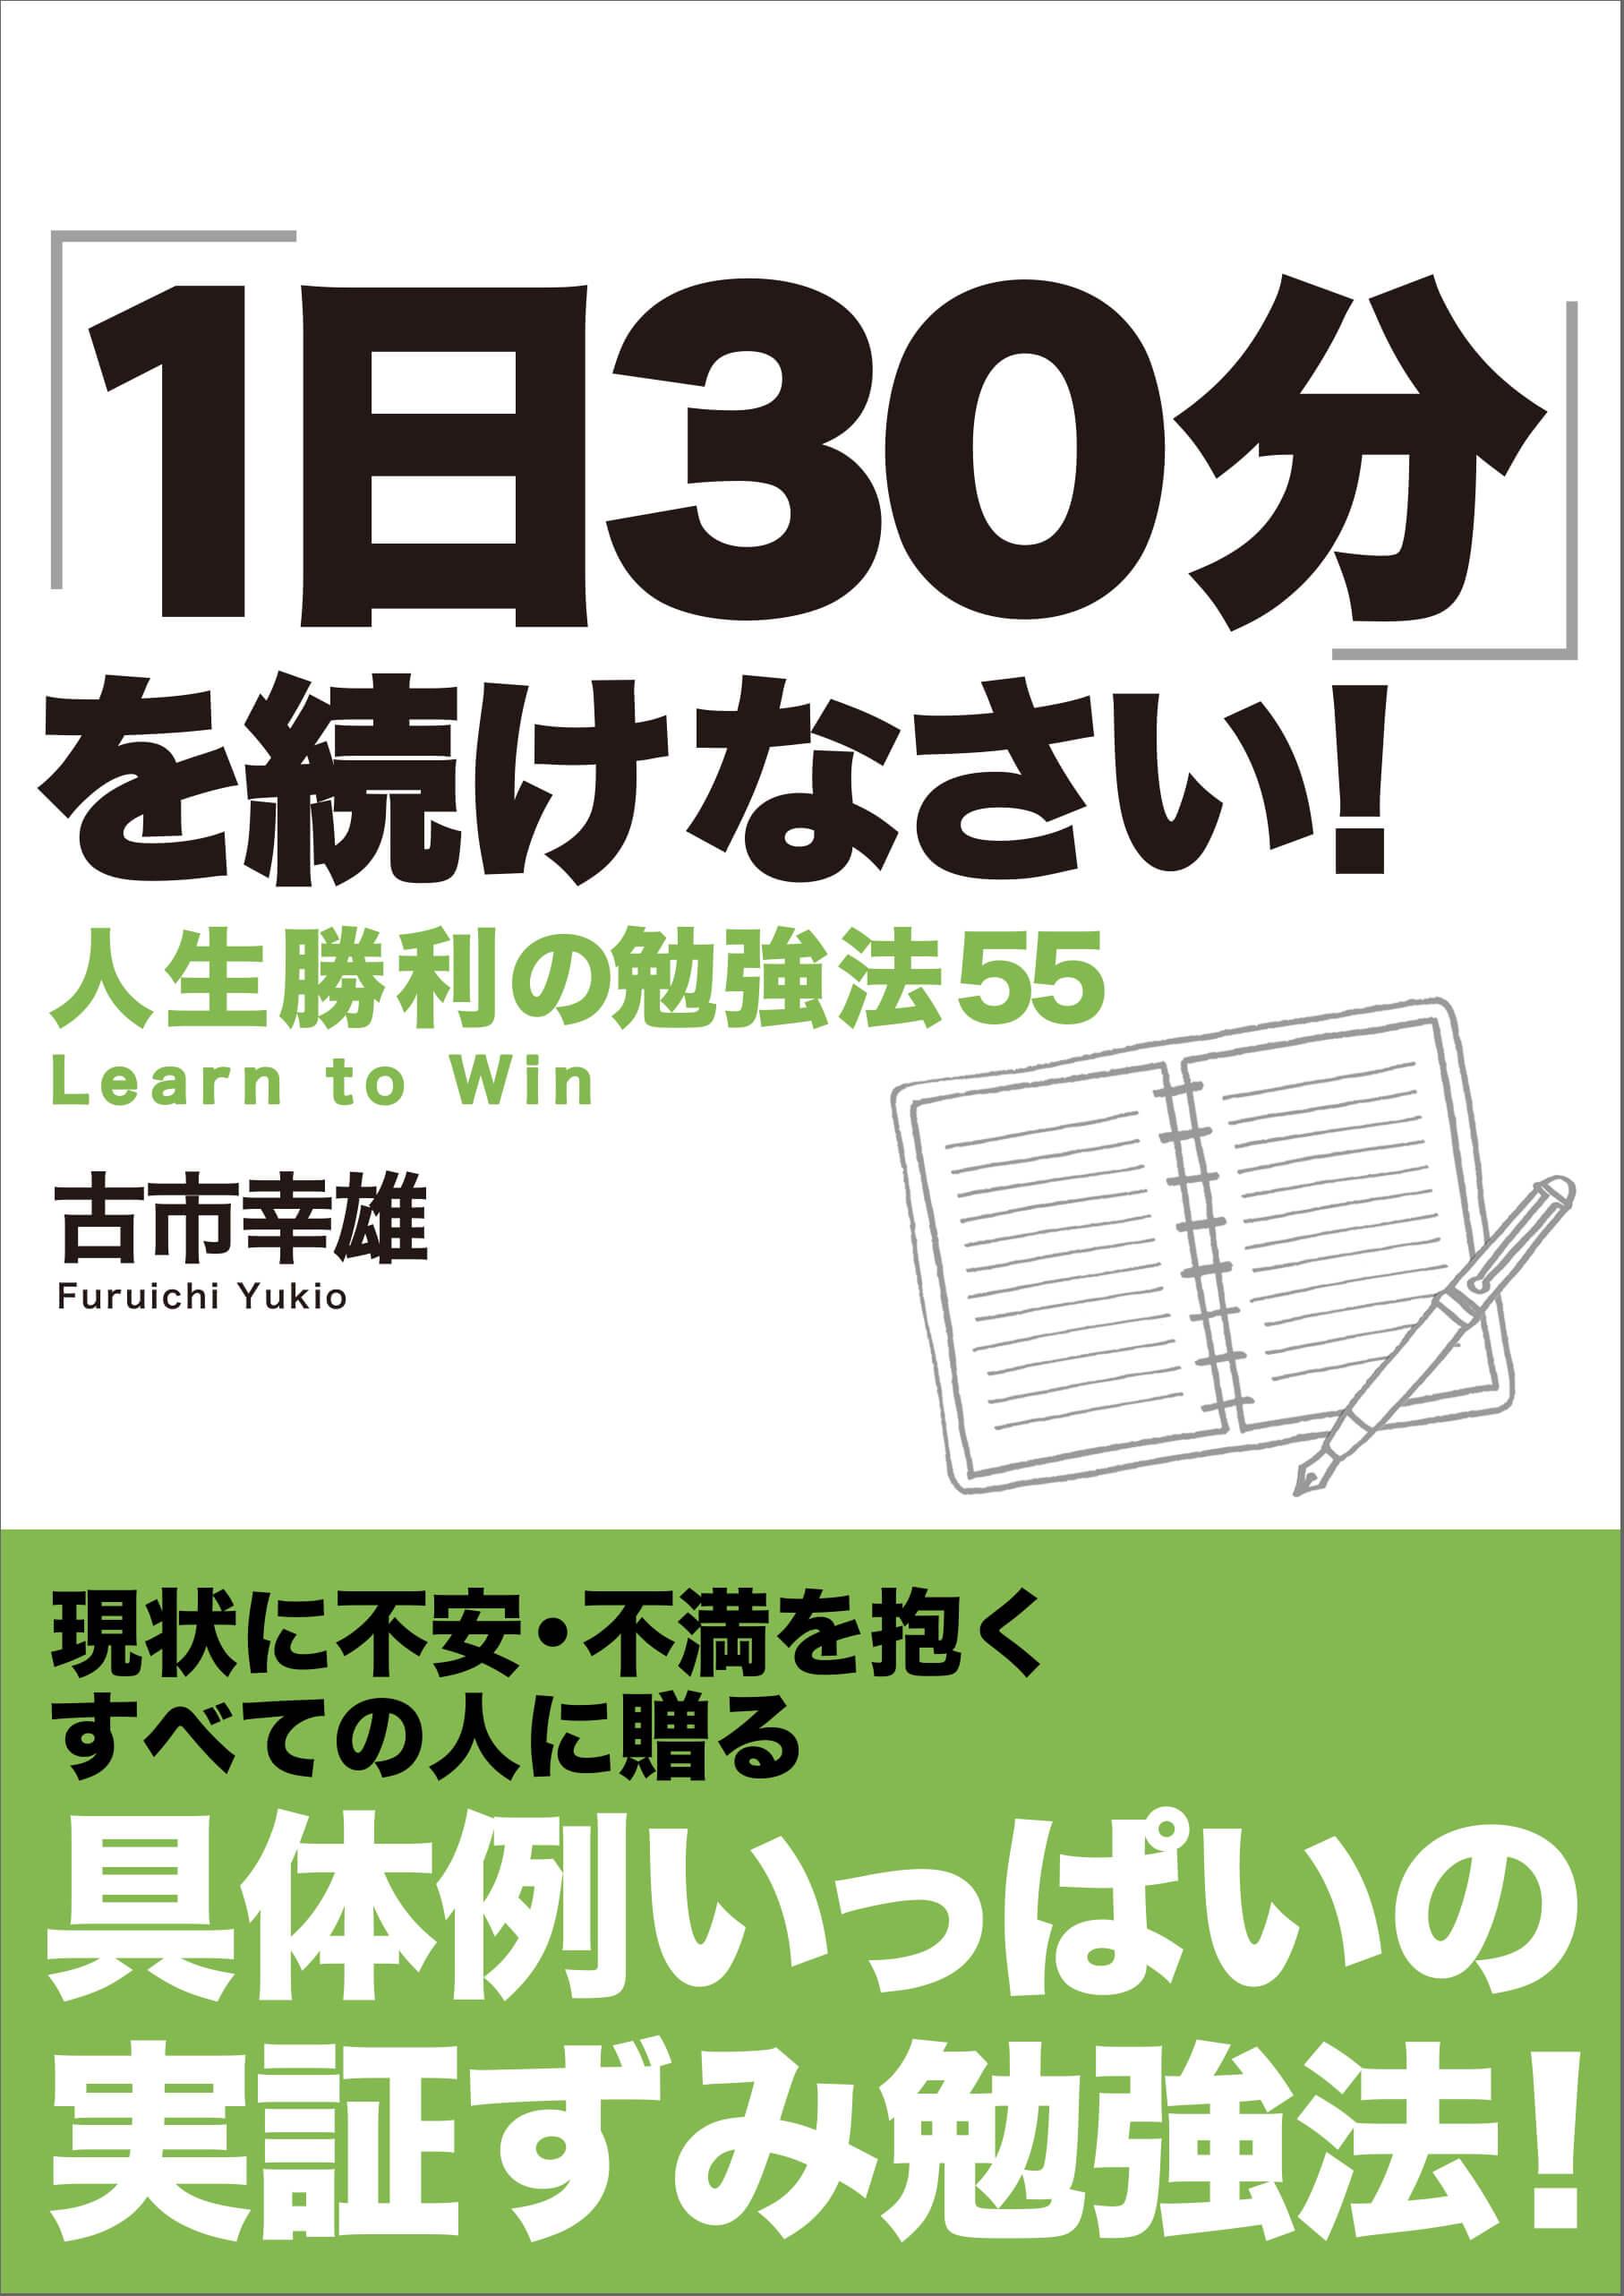 「1日30分」を続けなさい!Kindle版